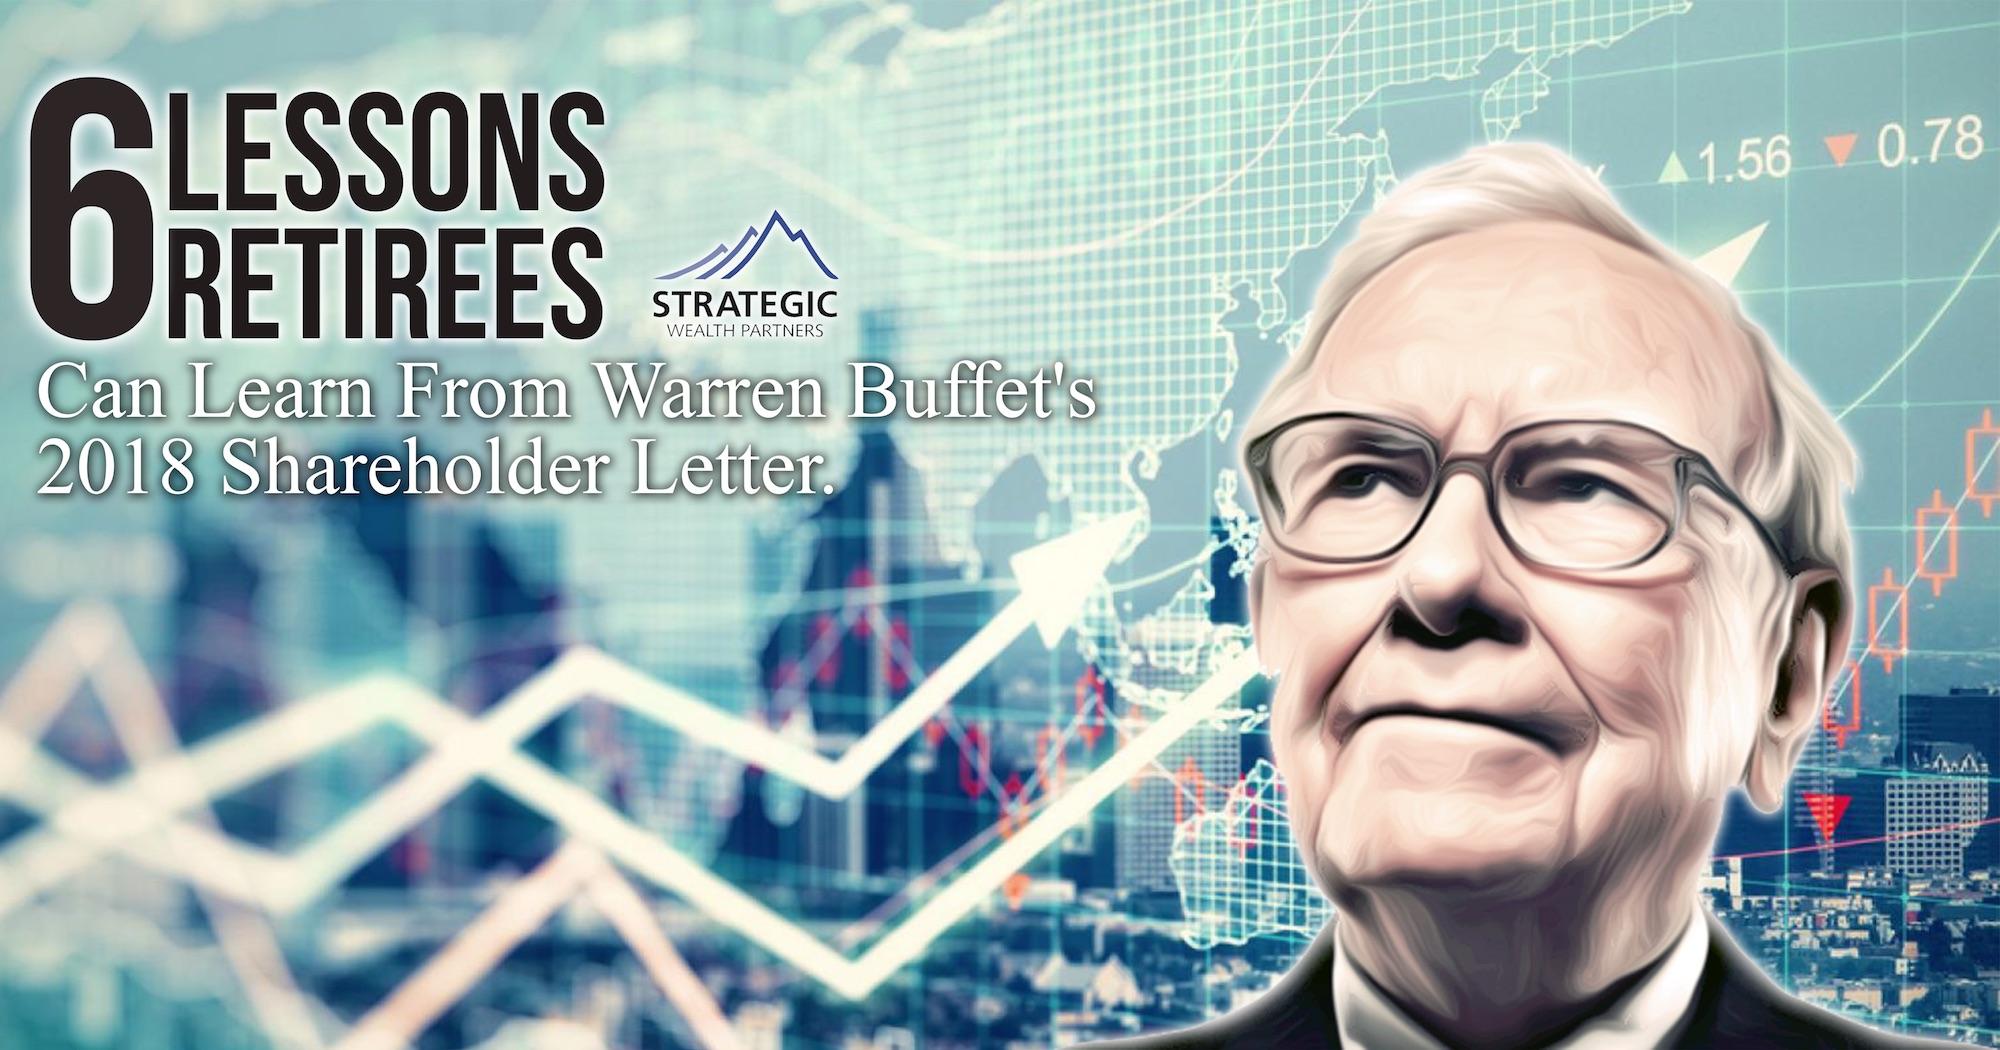 6 Lessons For Retirees From Warren Buffet's 2018 Shareholder Letter